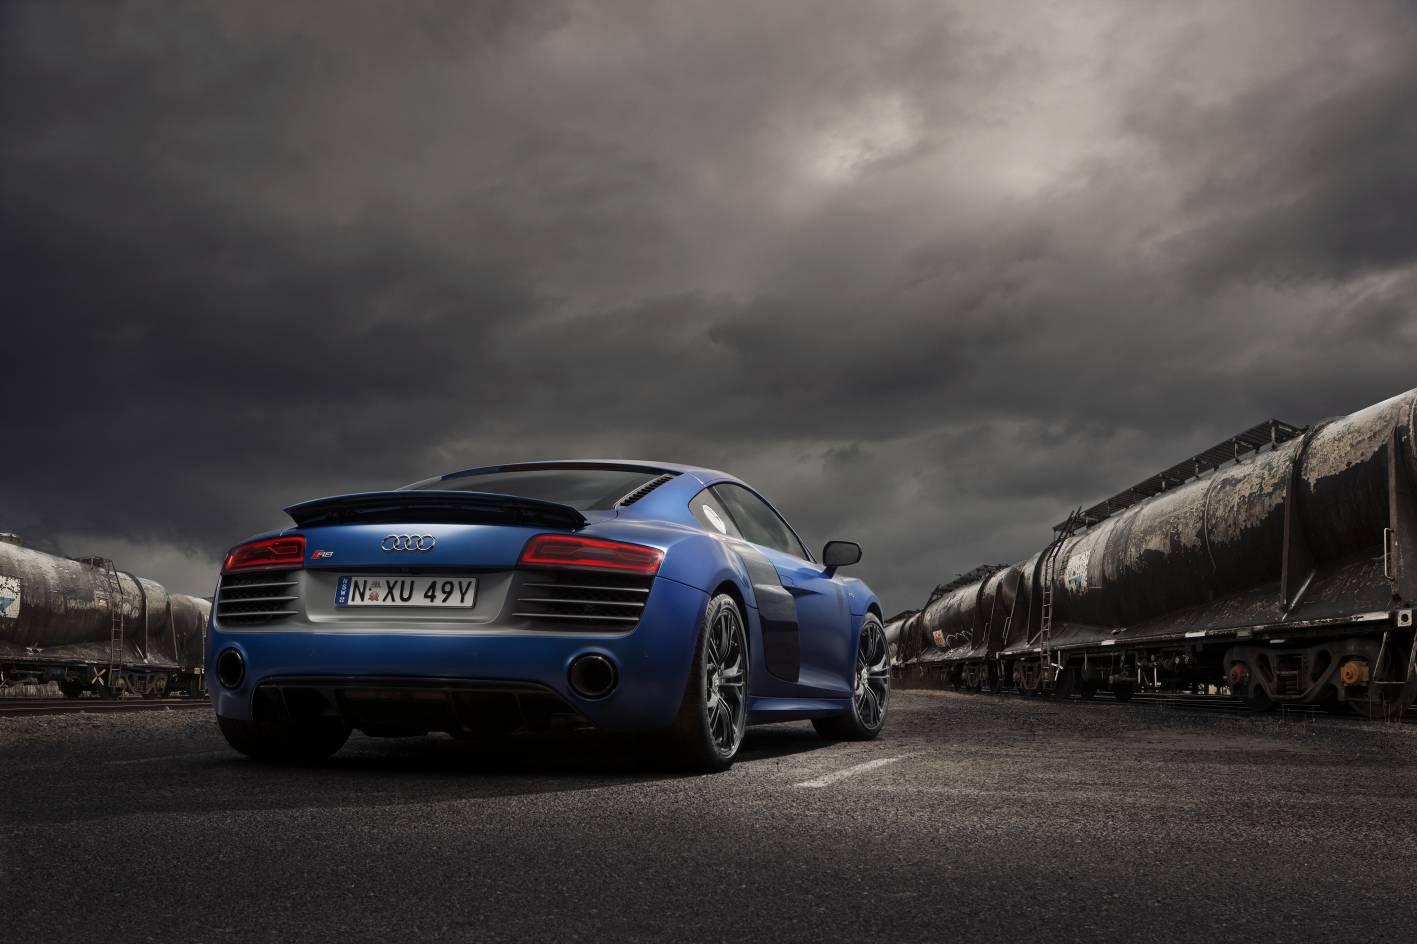 Audi R8 V10 plus-1 - ForceGT.com